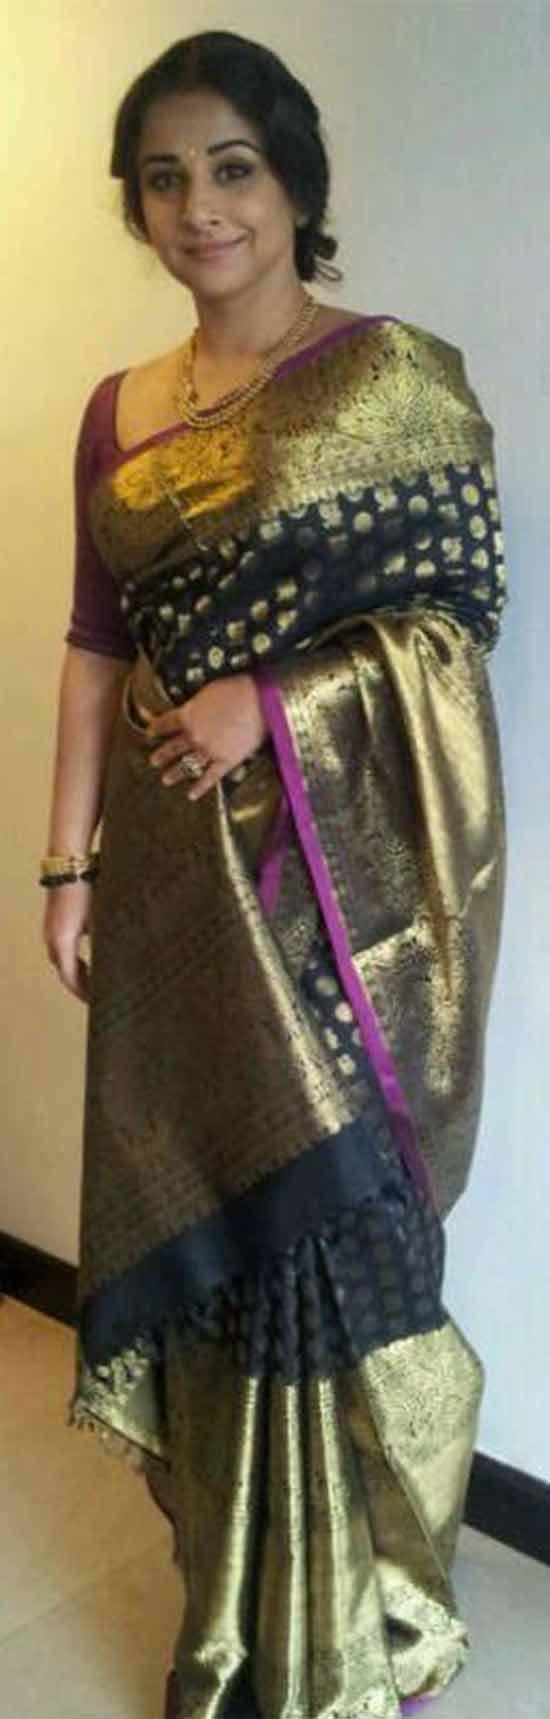 Vidya-Balan-In-Black-Kanjeevaram-Saree-Designed-By-Gauran